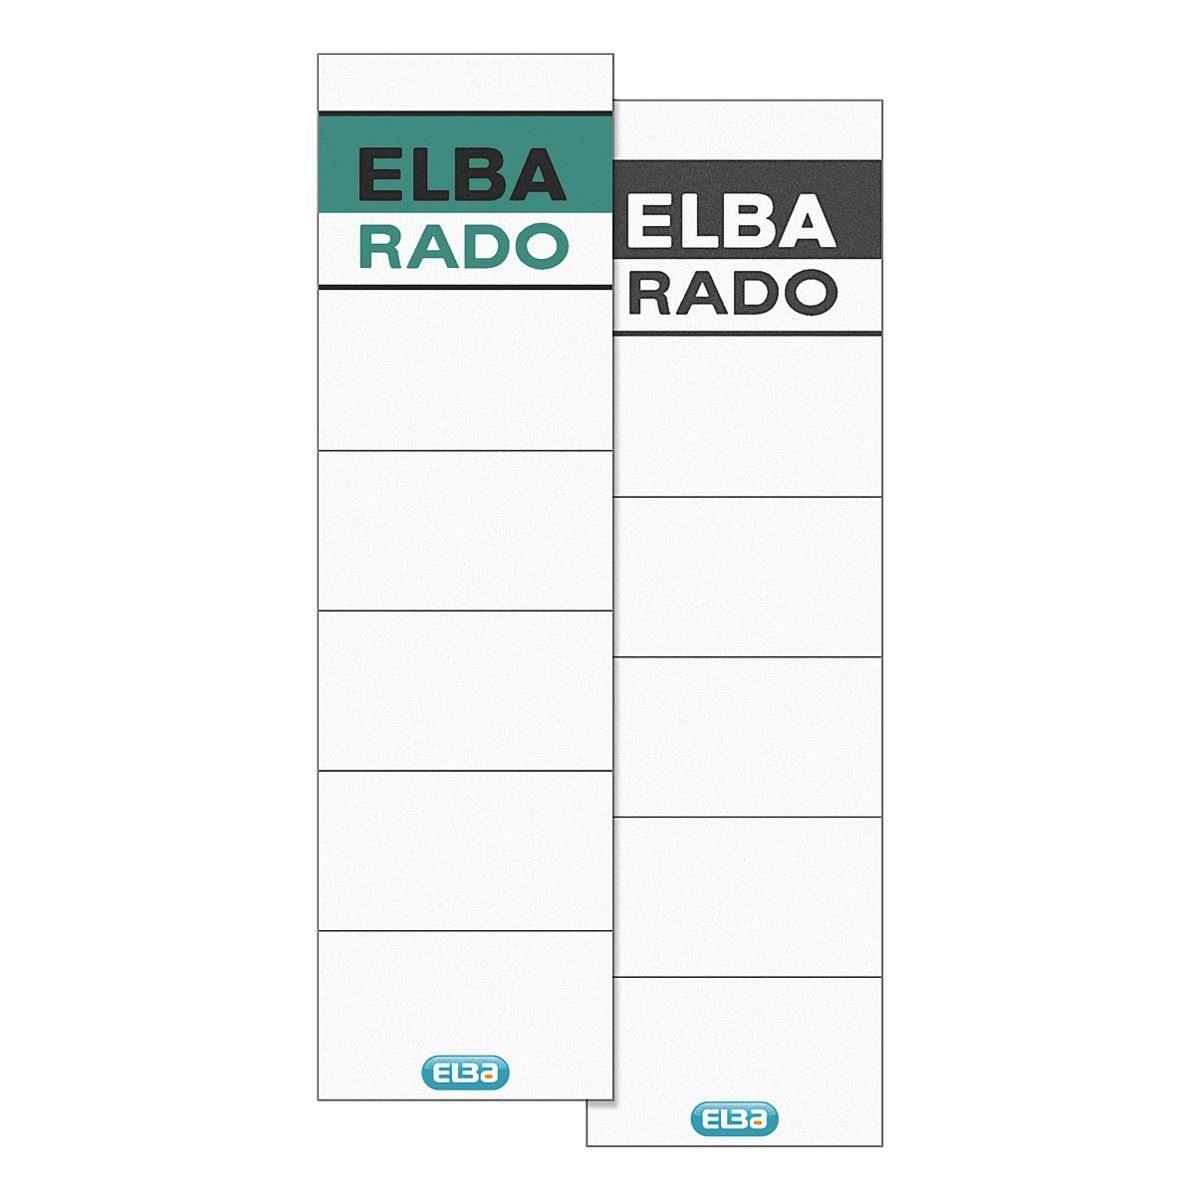 Elba Rückenschilder »rado-lux brillant« zum Einstec...